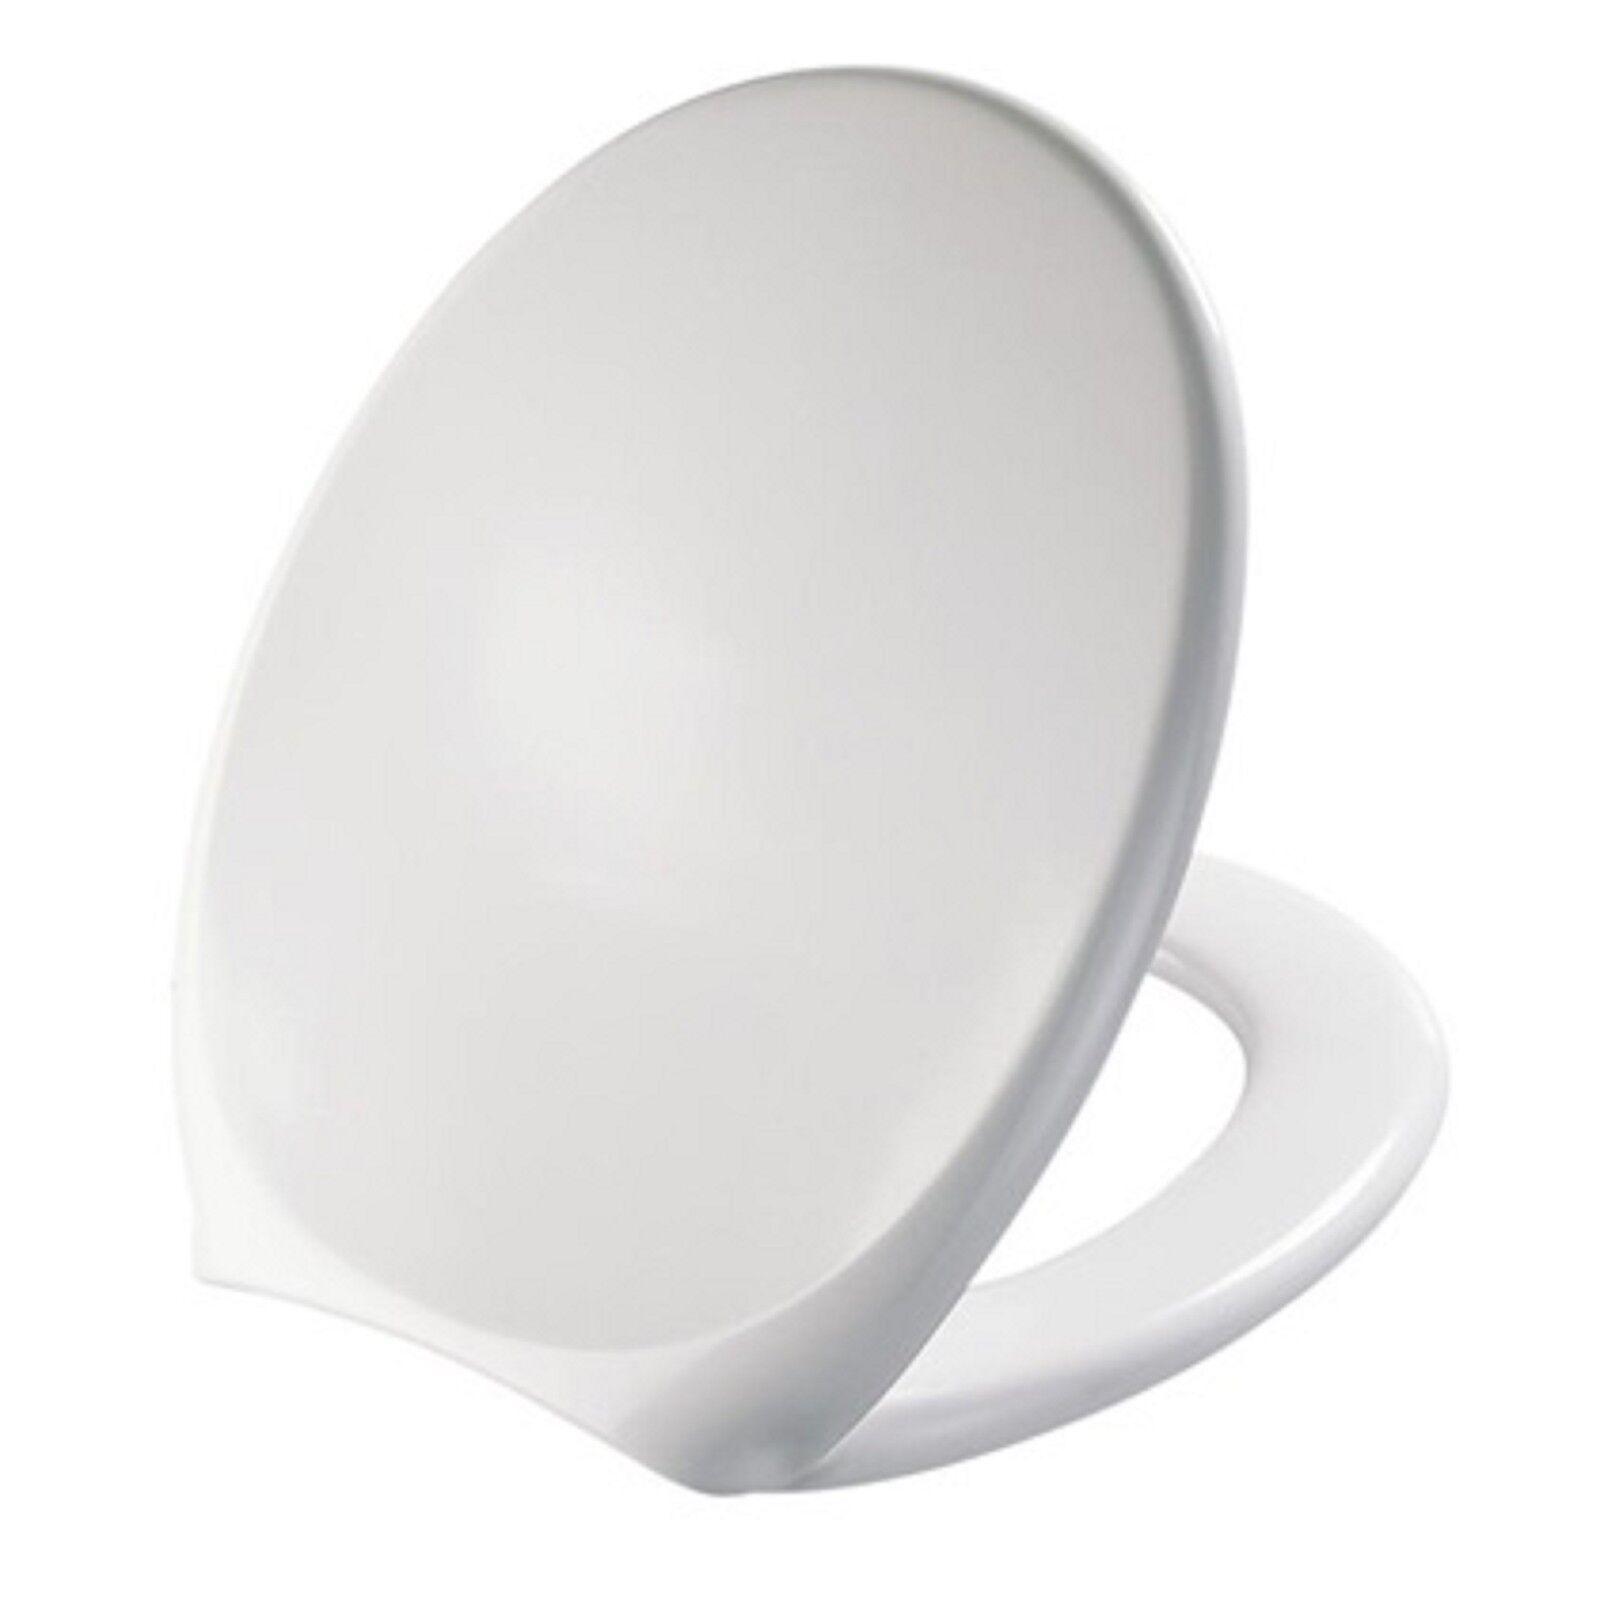 Pressalit 1000 WC Sitz Weiß Neuware       Moderne Muster